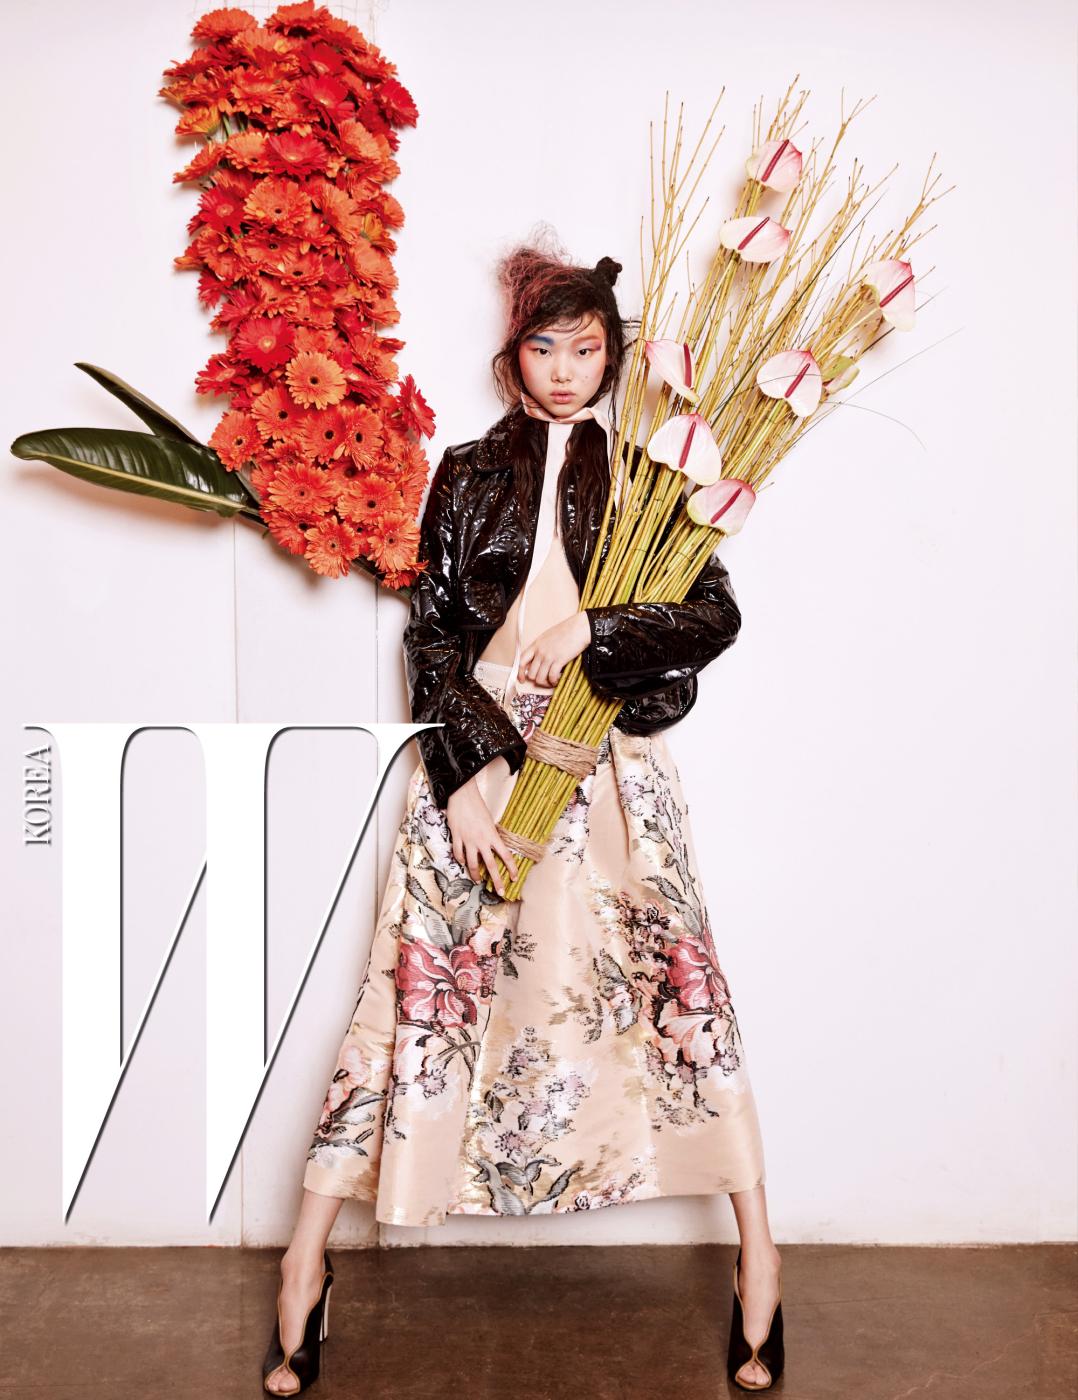 입체감이 돋보이는 세라믹 레더 재킷, 꽃무늬 스커트, 물결 형태의 오픈토 힐은 모두 Fendi 제품.